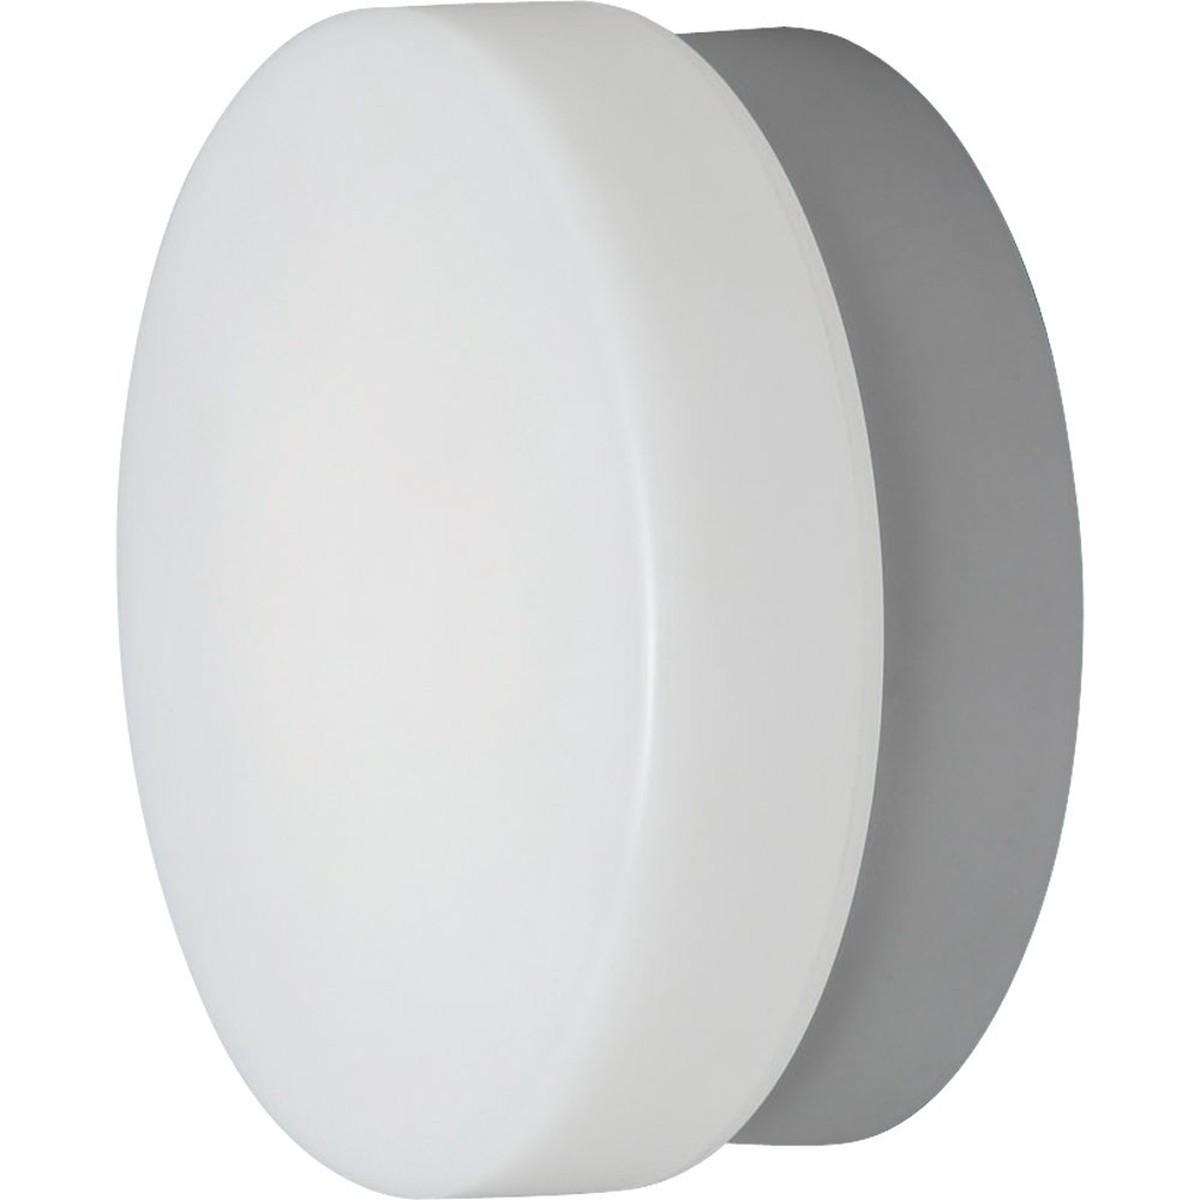 アイリスオーヤマ LED ポーチ 浴室灯 丸型 電球色 1000lm CL10L-CIPLS-BS【クーポン配布中】